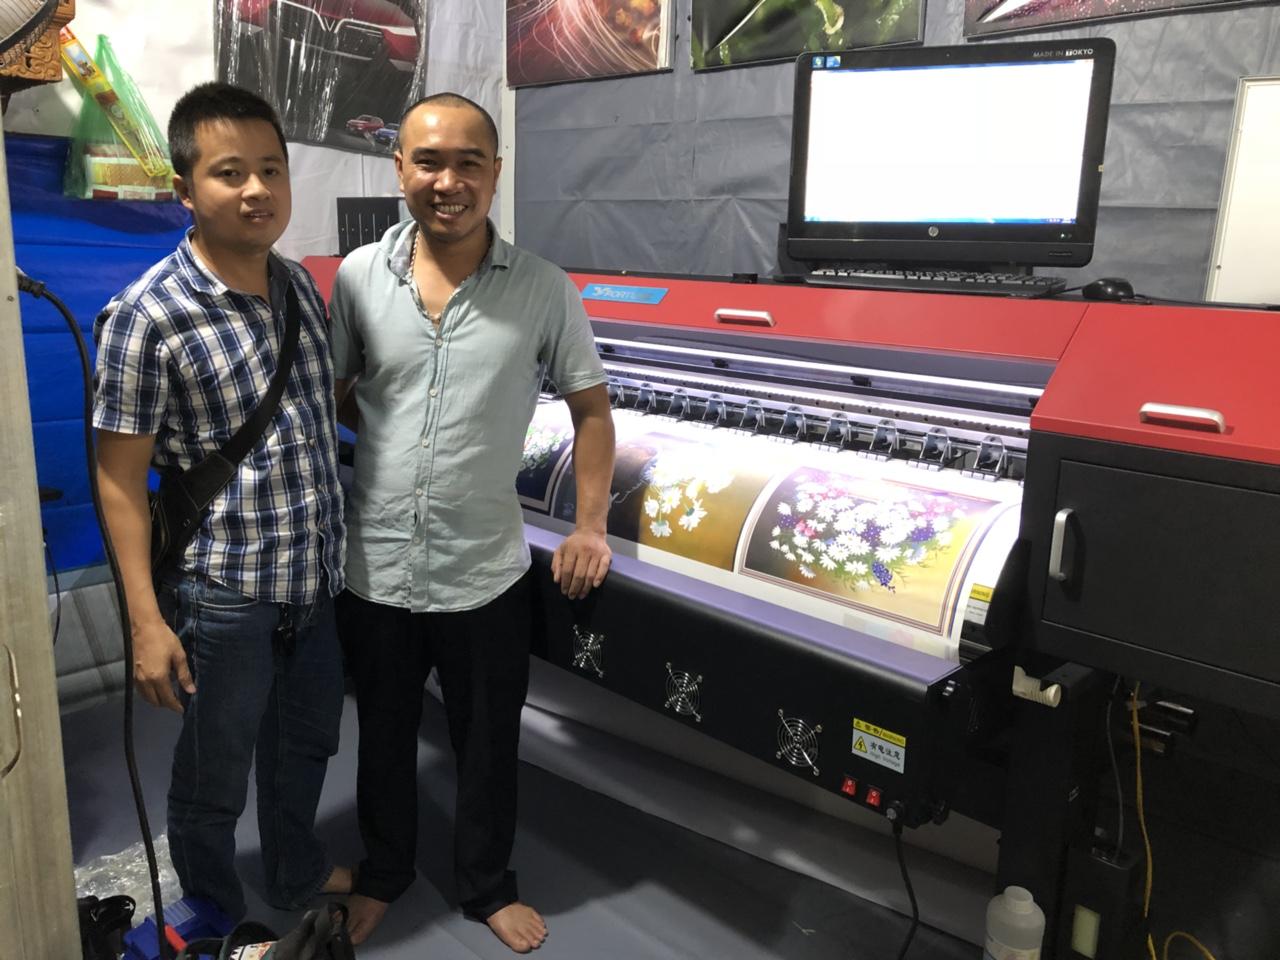 Bàn giao công nghệ máy in hifi, máy cắt CNC cho quảng cáo An Việt tại Đặng Xuân Bảng - Hà Nội